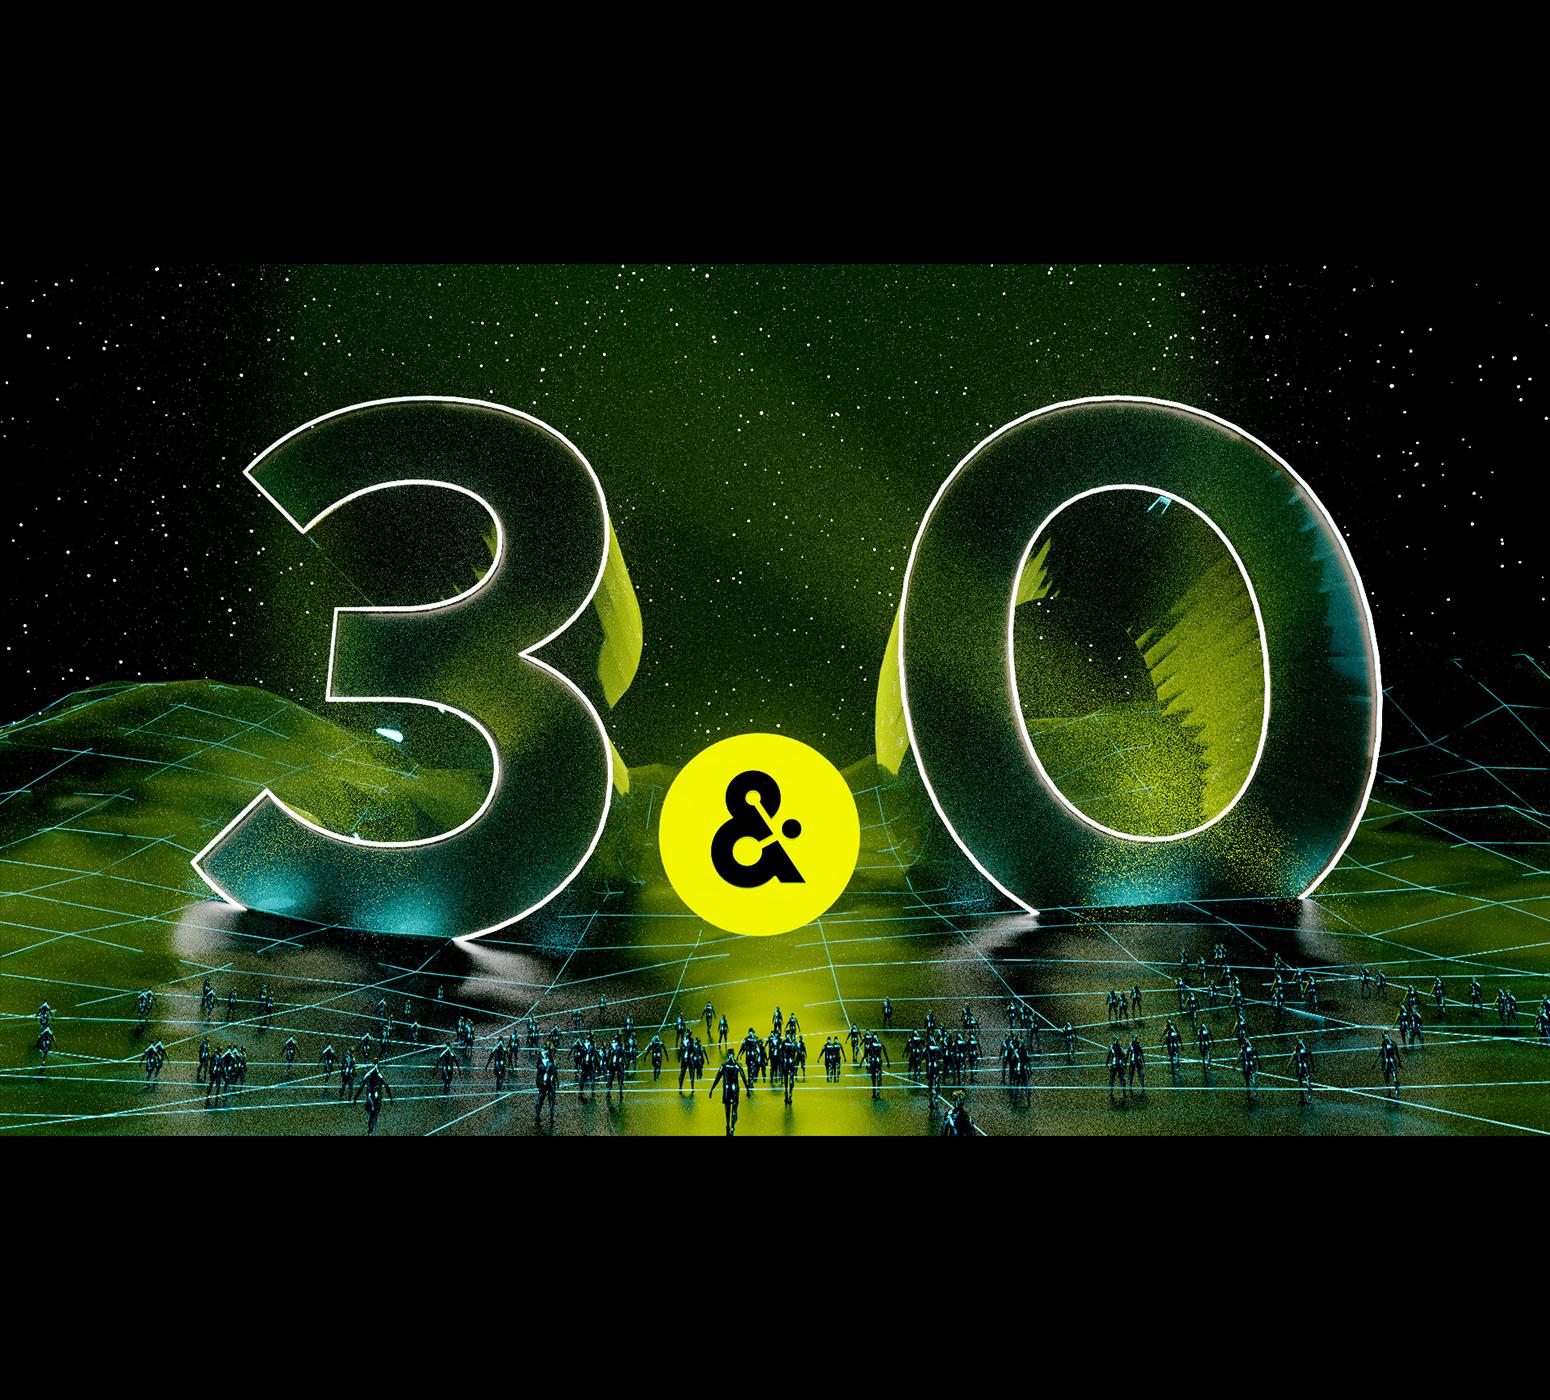 Image of 3 0 Override 3